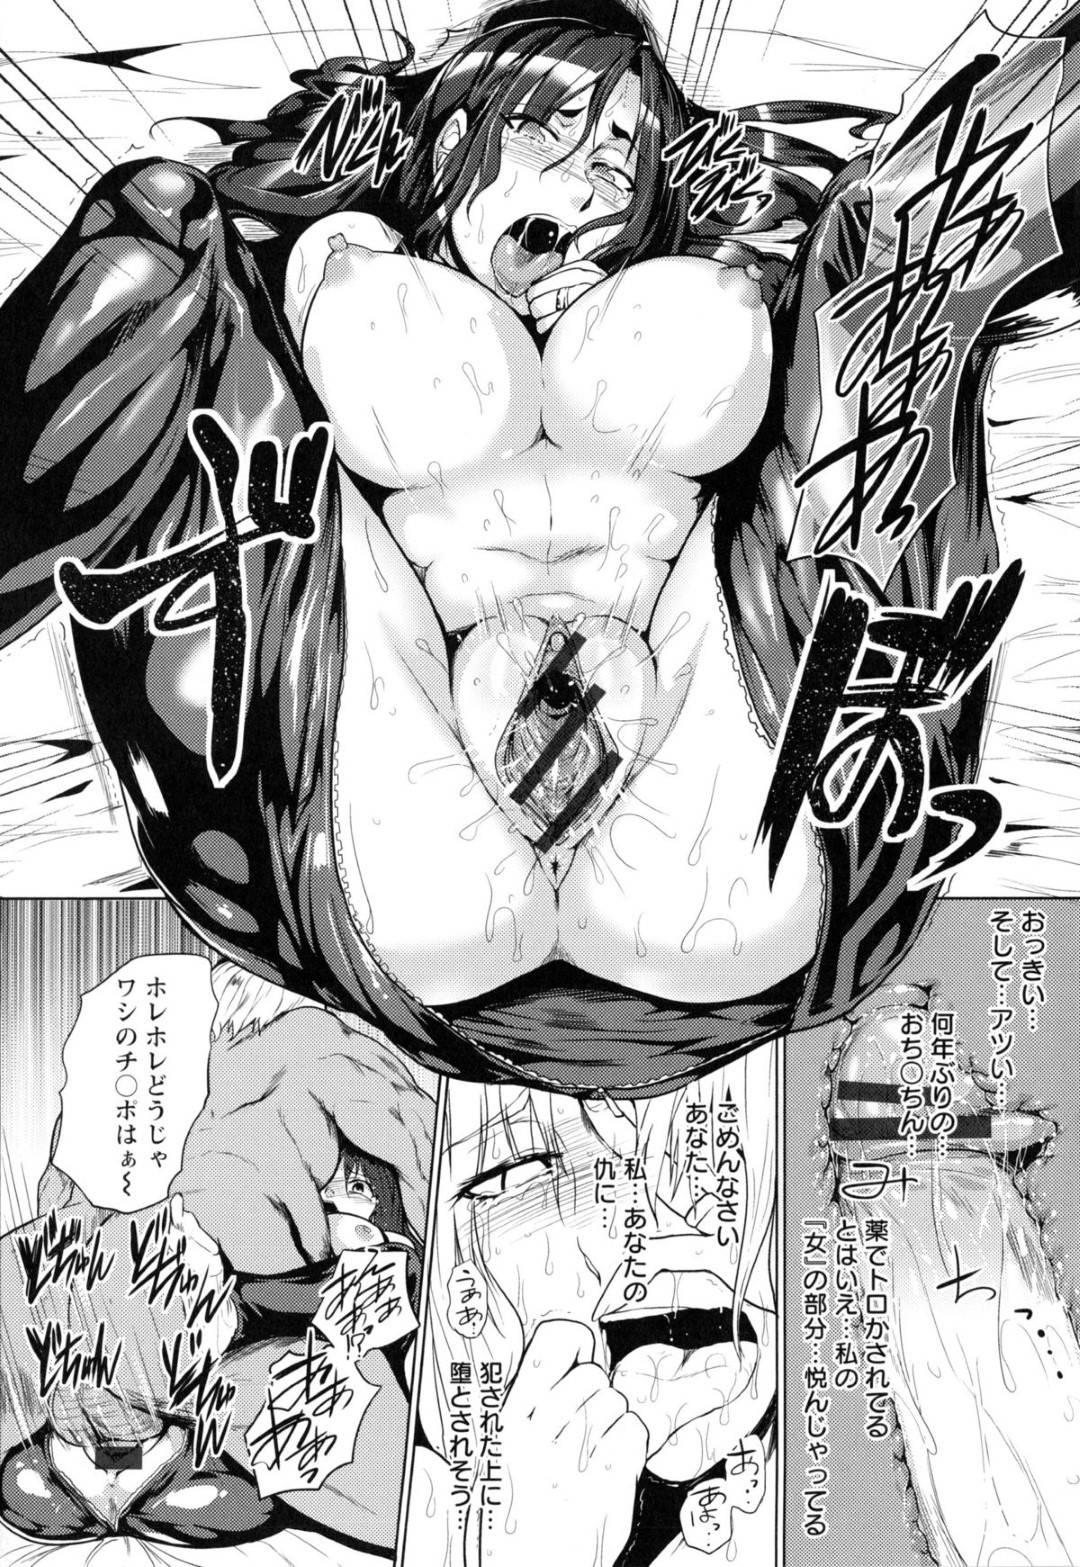 【エロ漫画】怪しげな取引の情報を掴み尾行する巨乳女刑事…しかしそれも罠で背後から襲われボスに差し出されてしまう!【サガッとる】